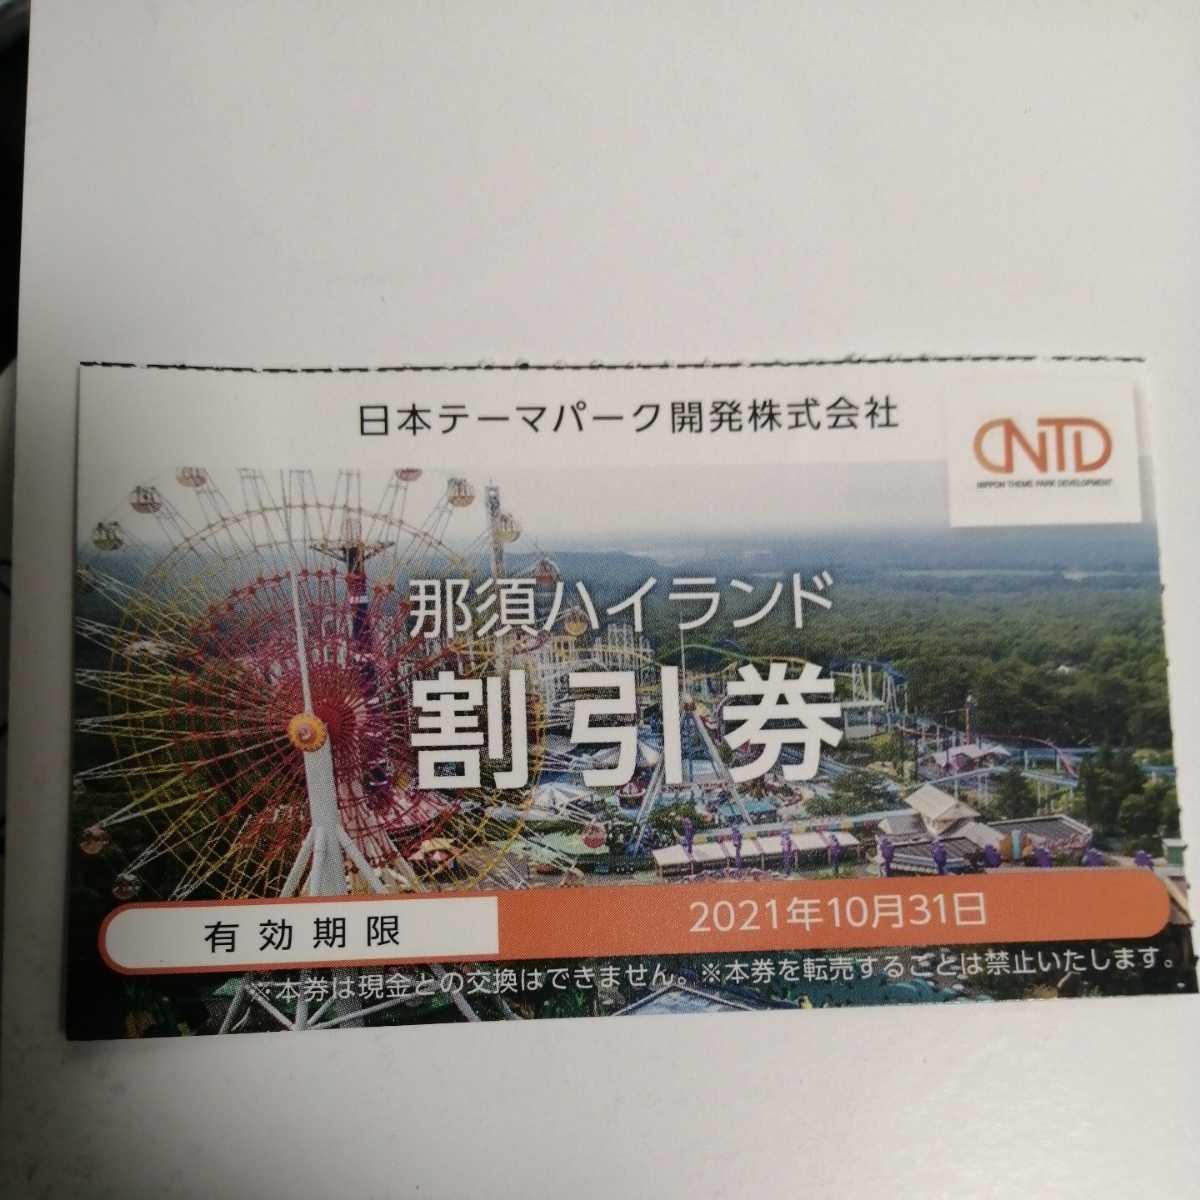 ★☆★ 入園料半額 那須ハイランド 割引券   ☆★☆_画像1